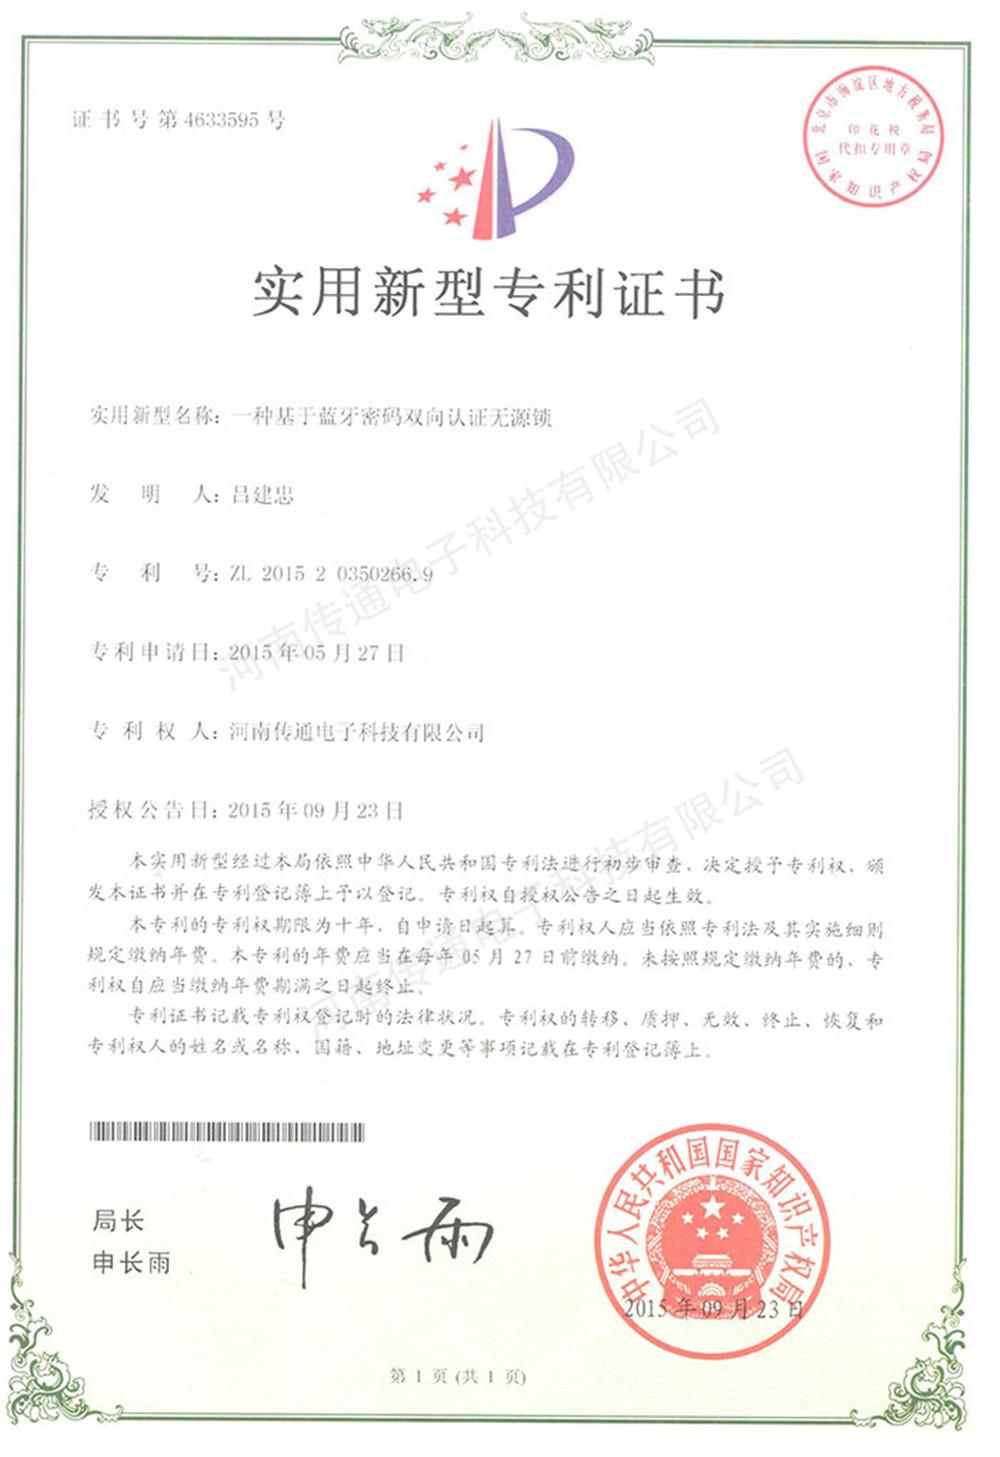 一種基于藍牙密碼雙向認證無源鎖-專利證書